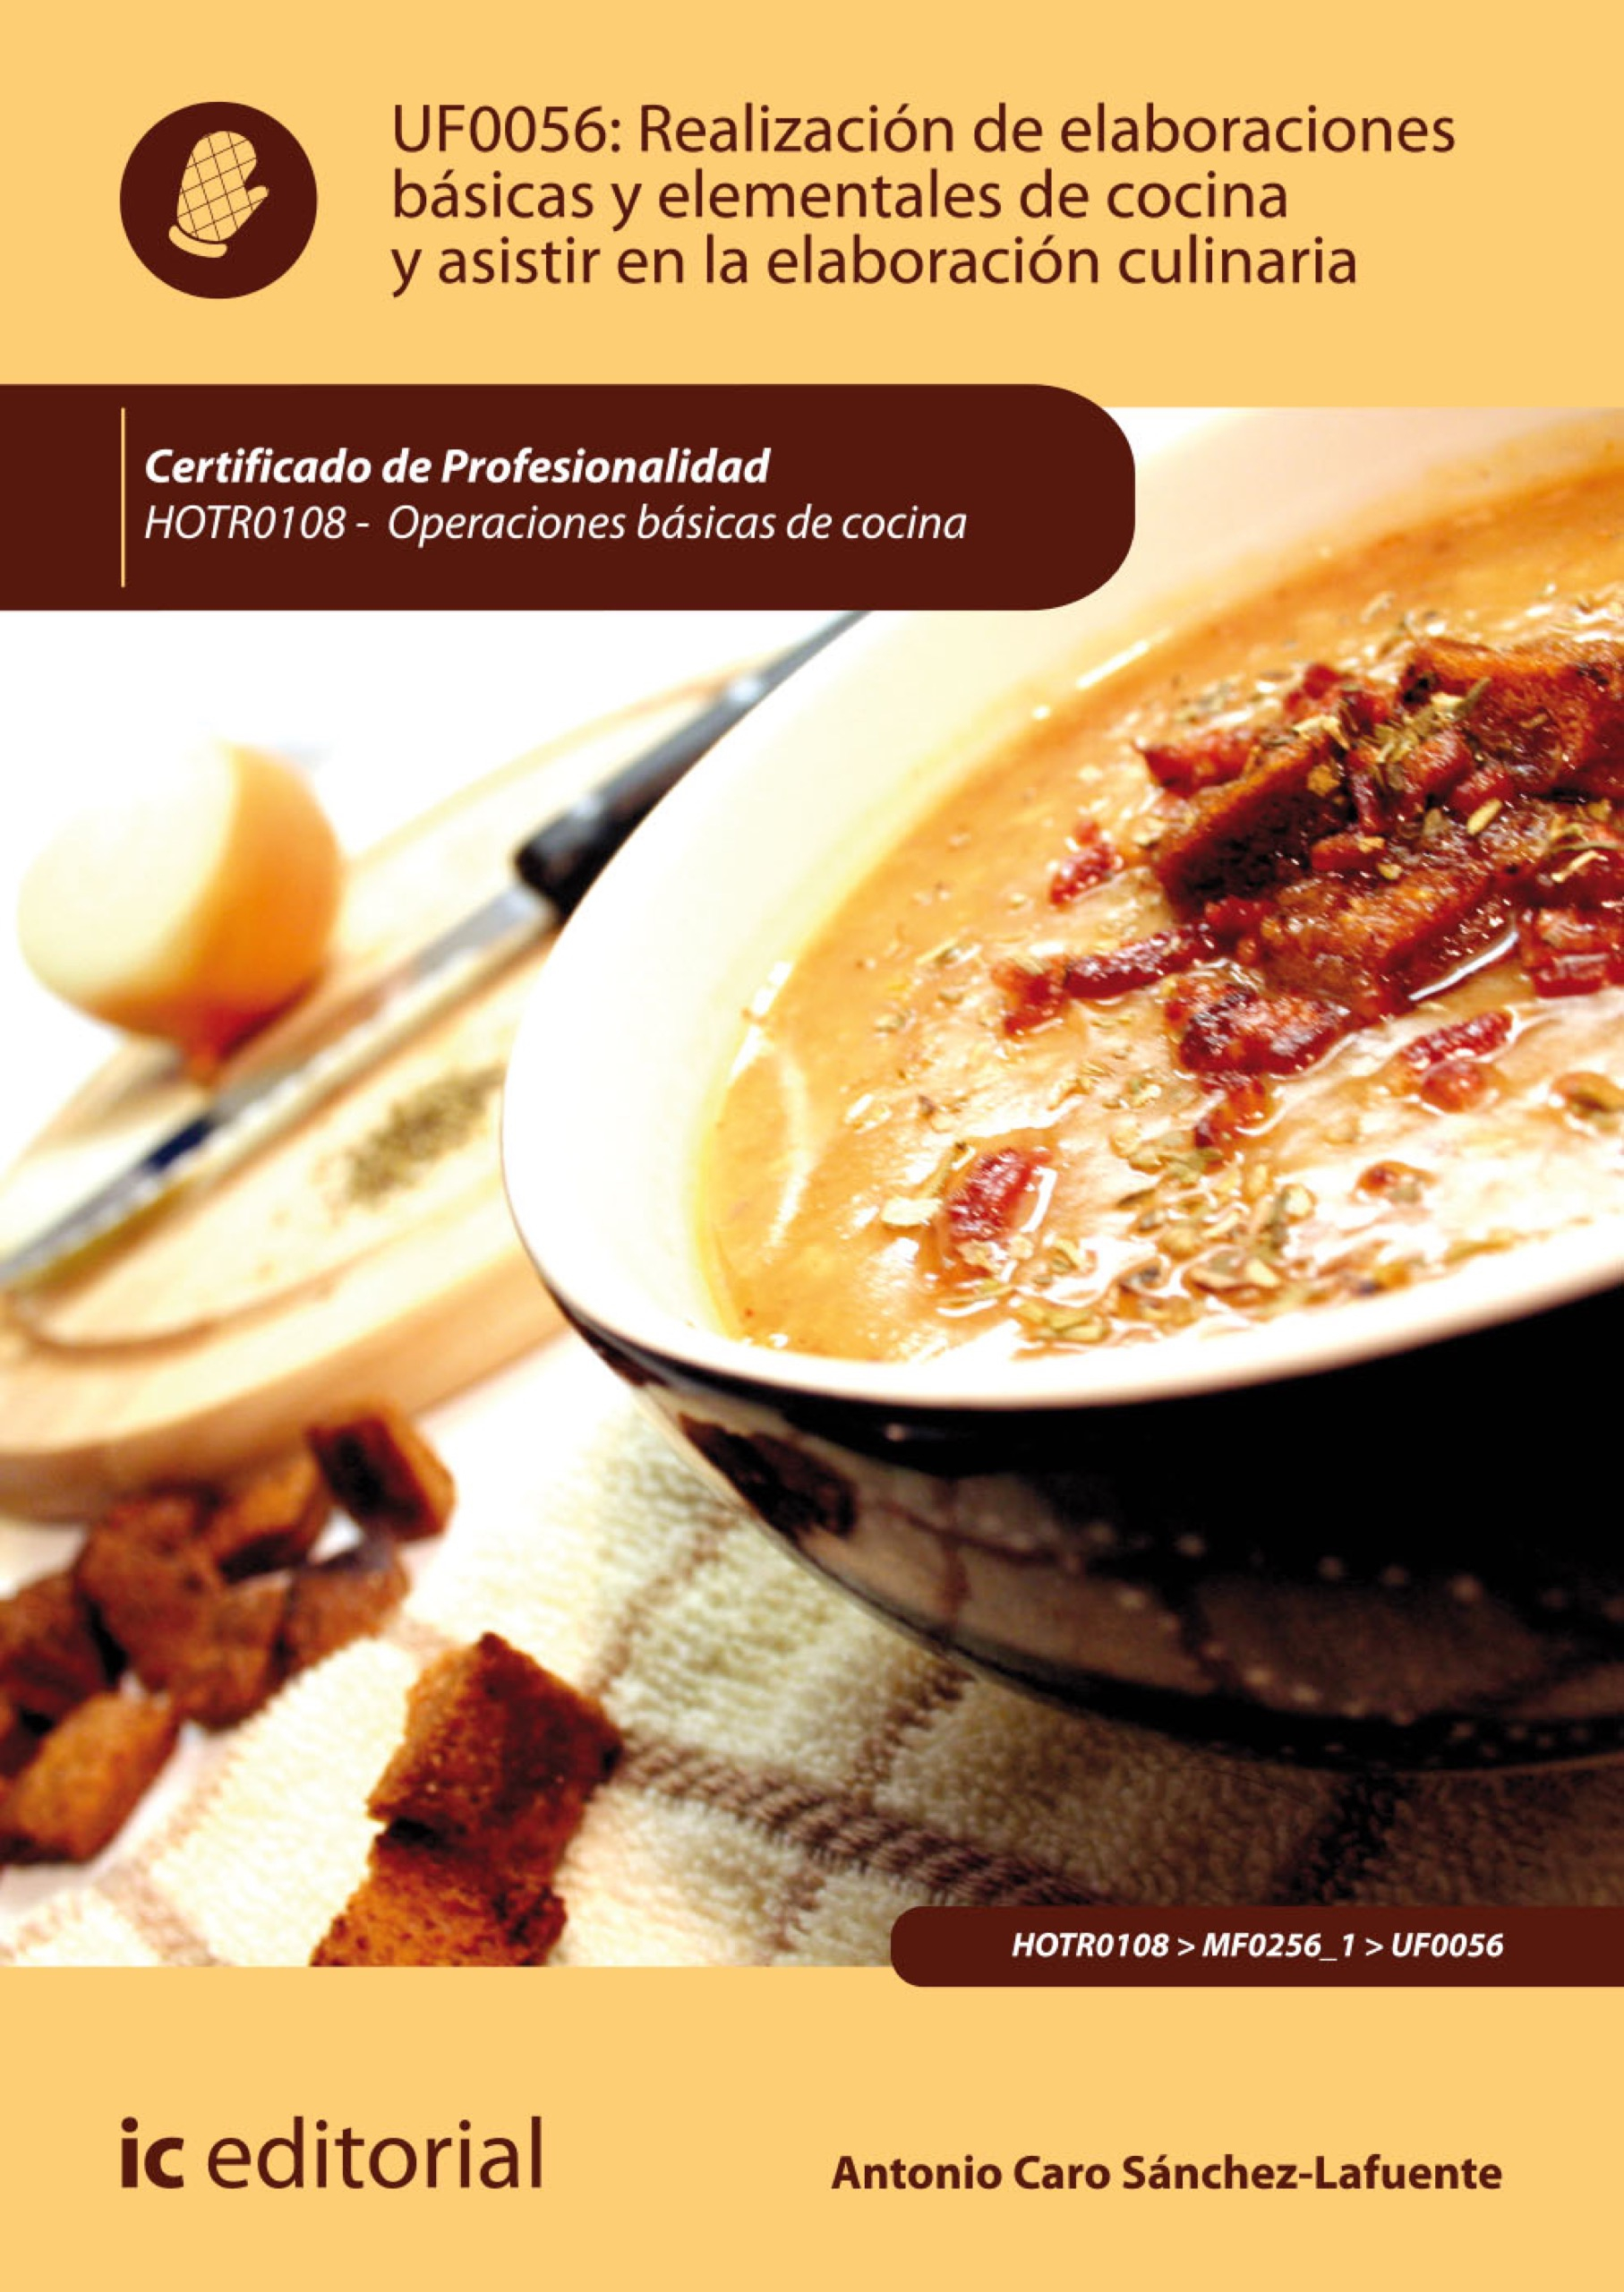 Realización de elaboraciones básicas y elementales de cocina y asistir en la elaboración culinaria. HOTR0108